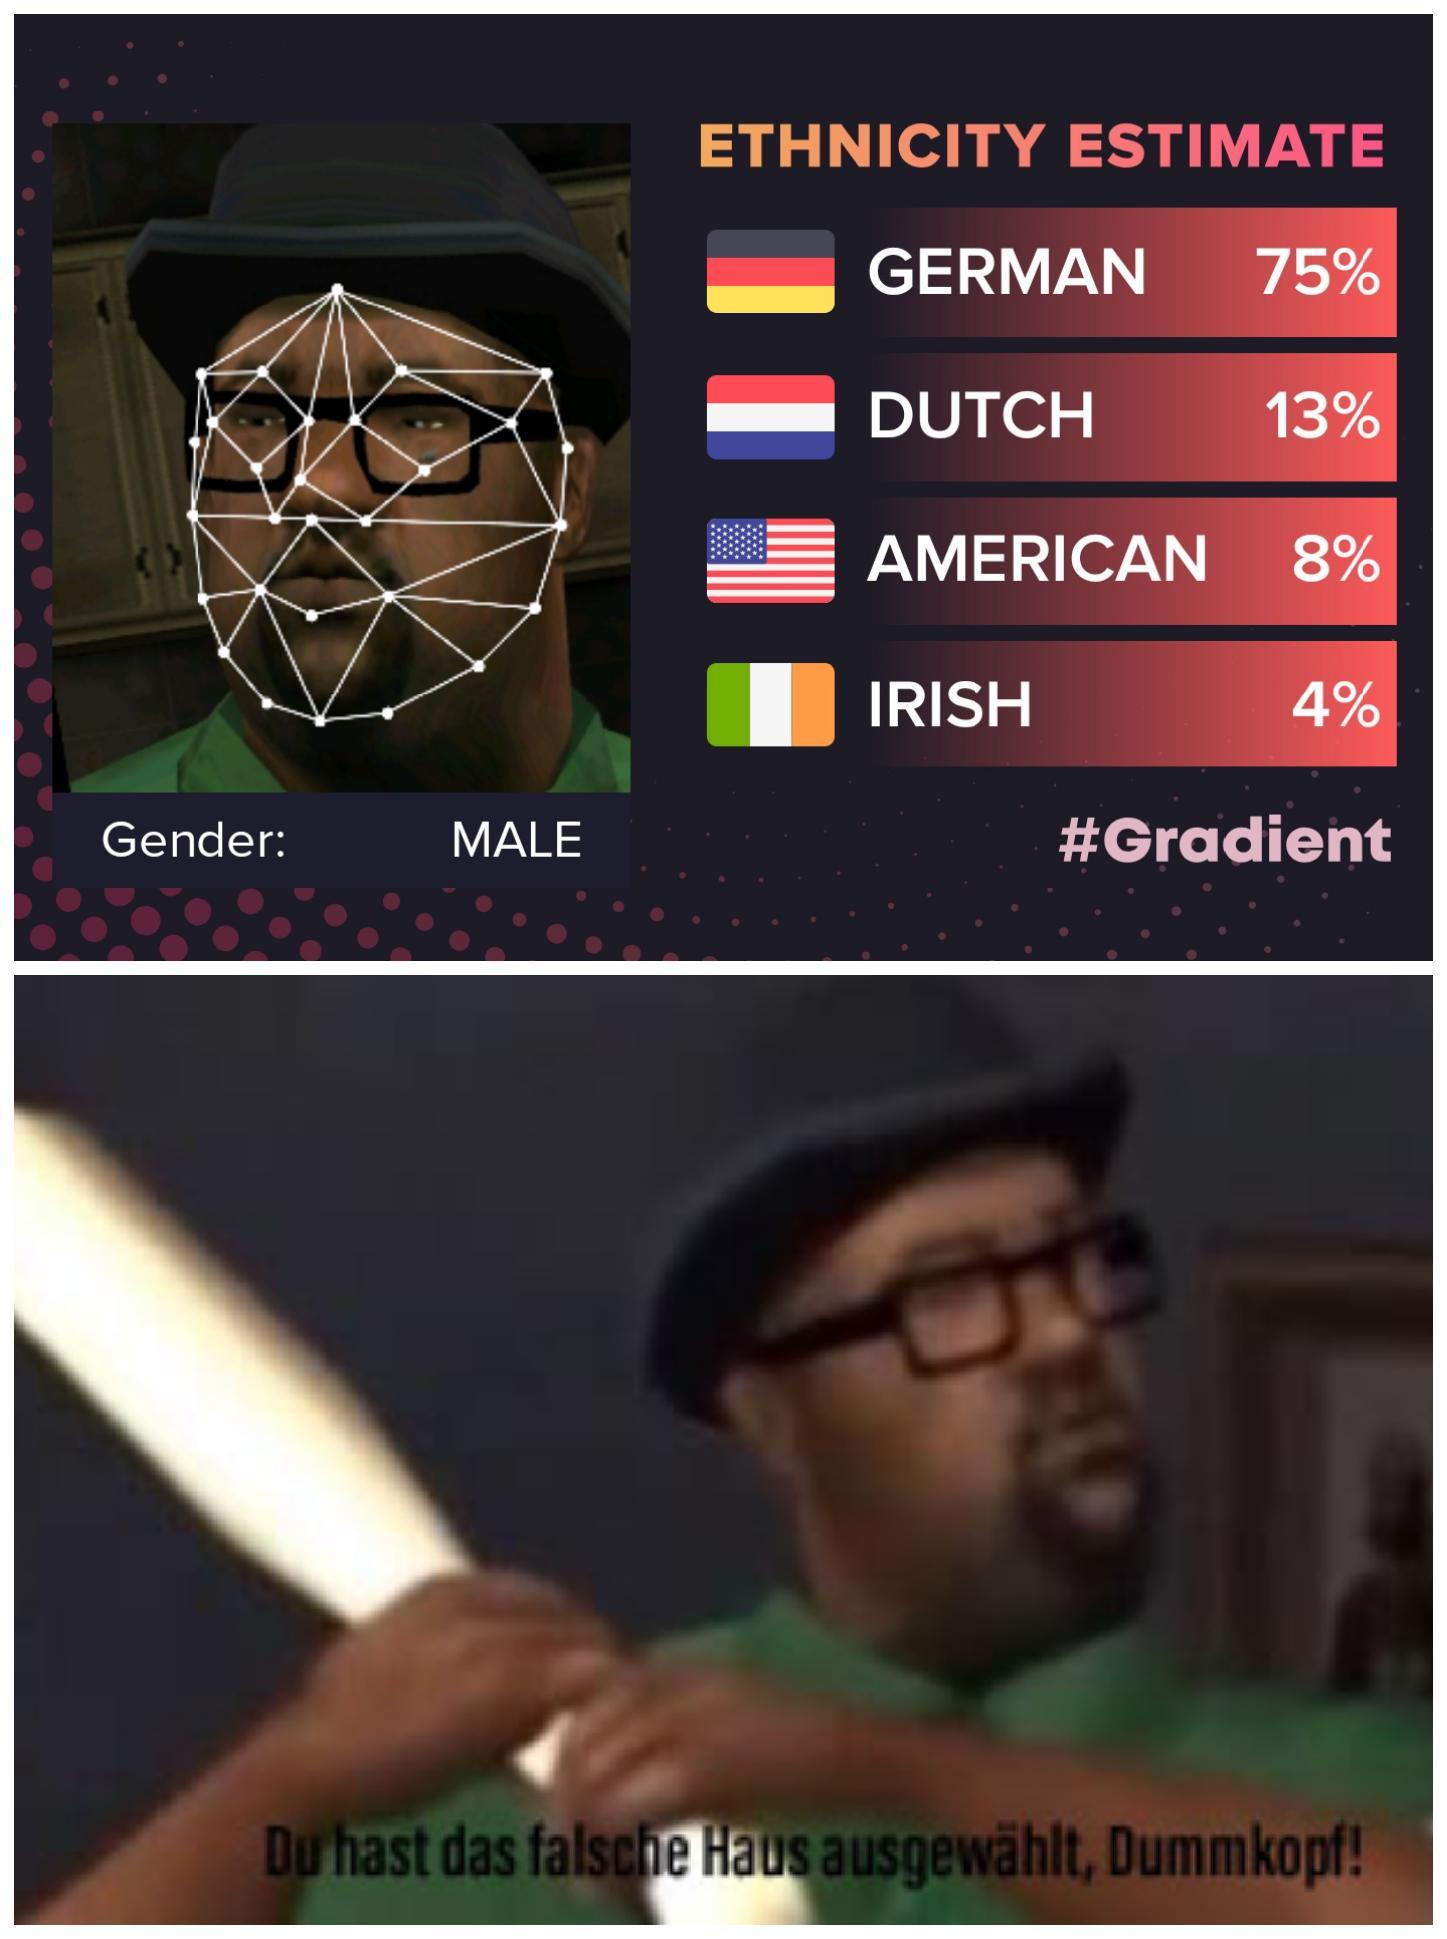 El grando smokio - meme